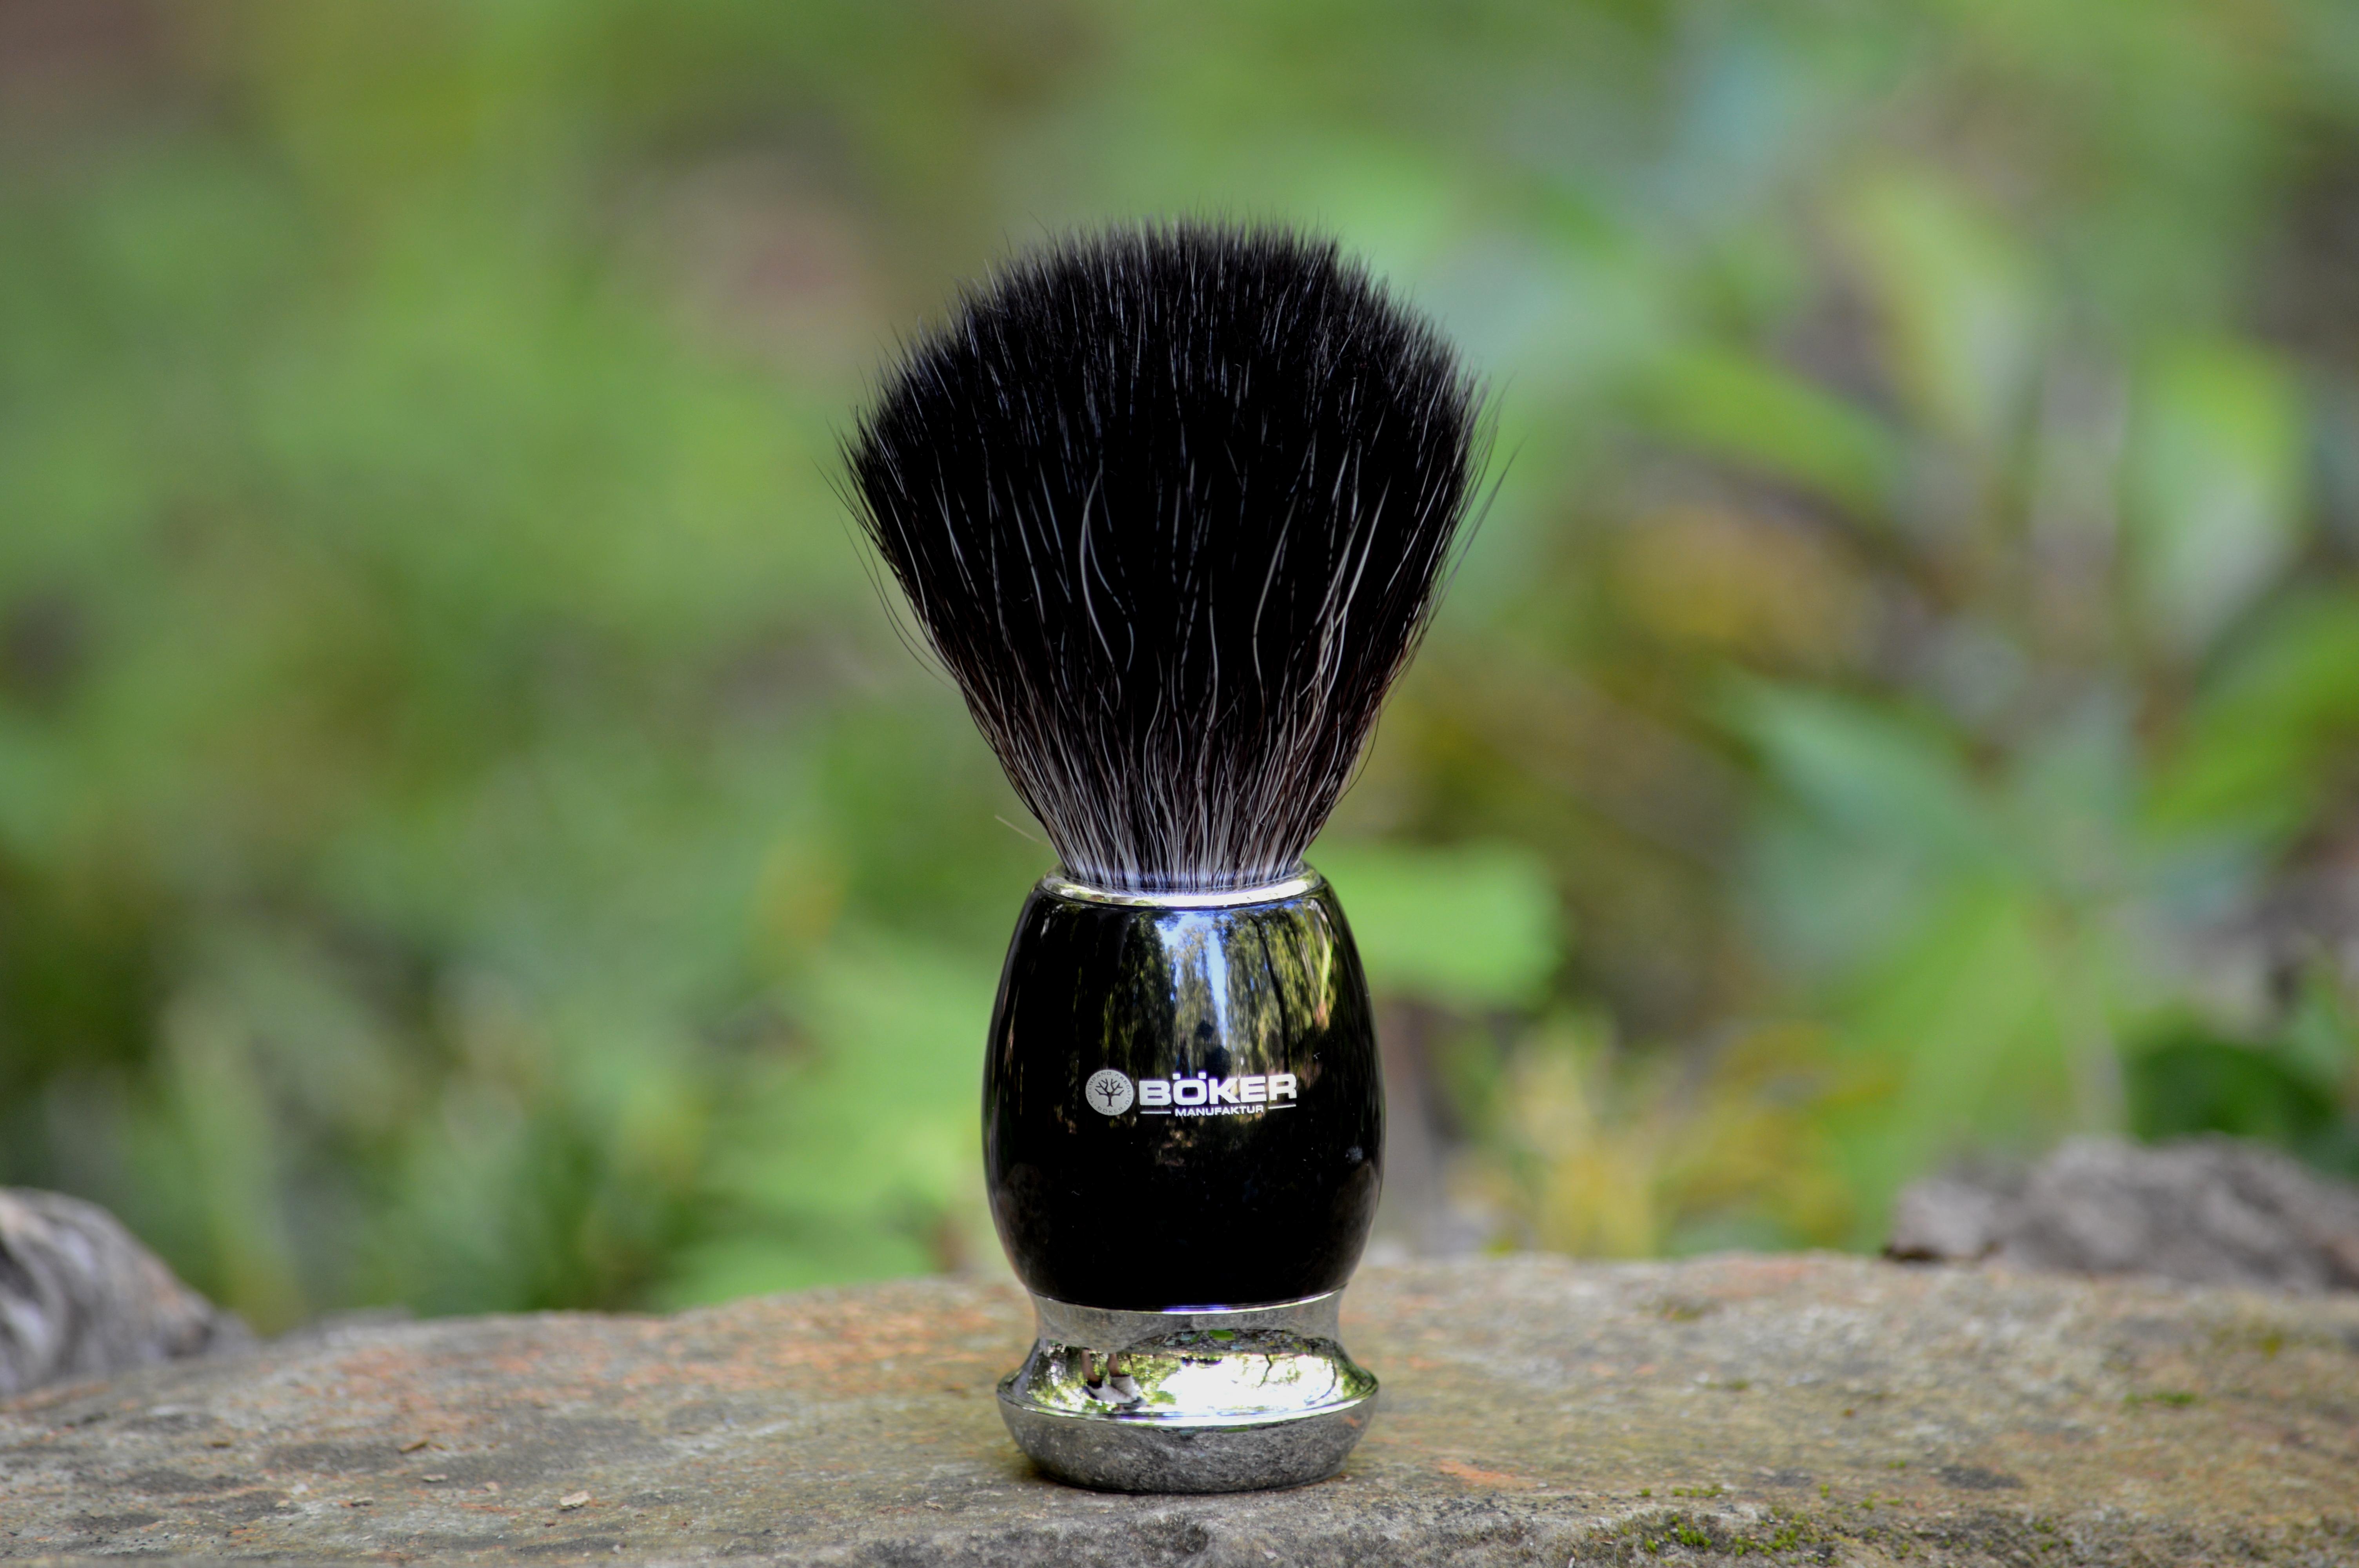 Boker 04BO125 Black Fiber Shaving Brush